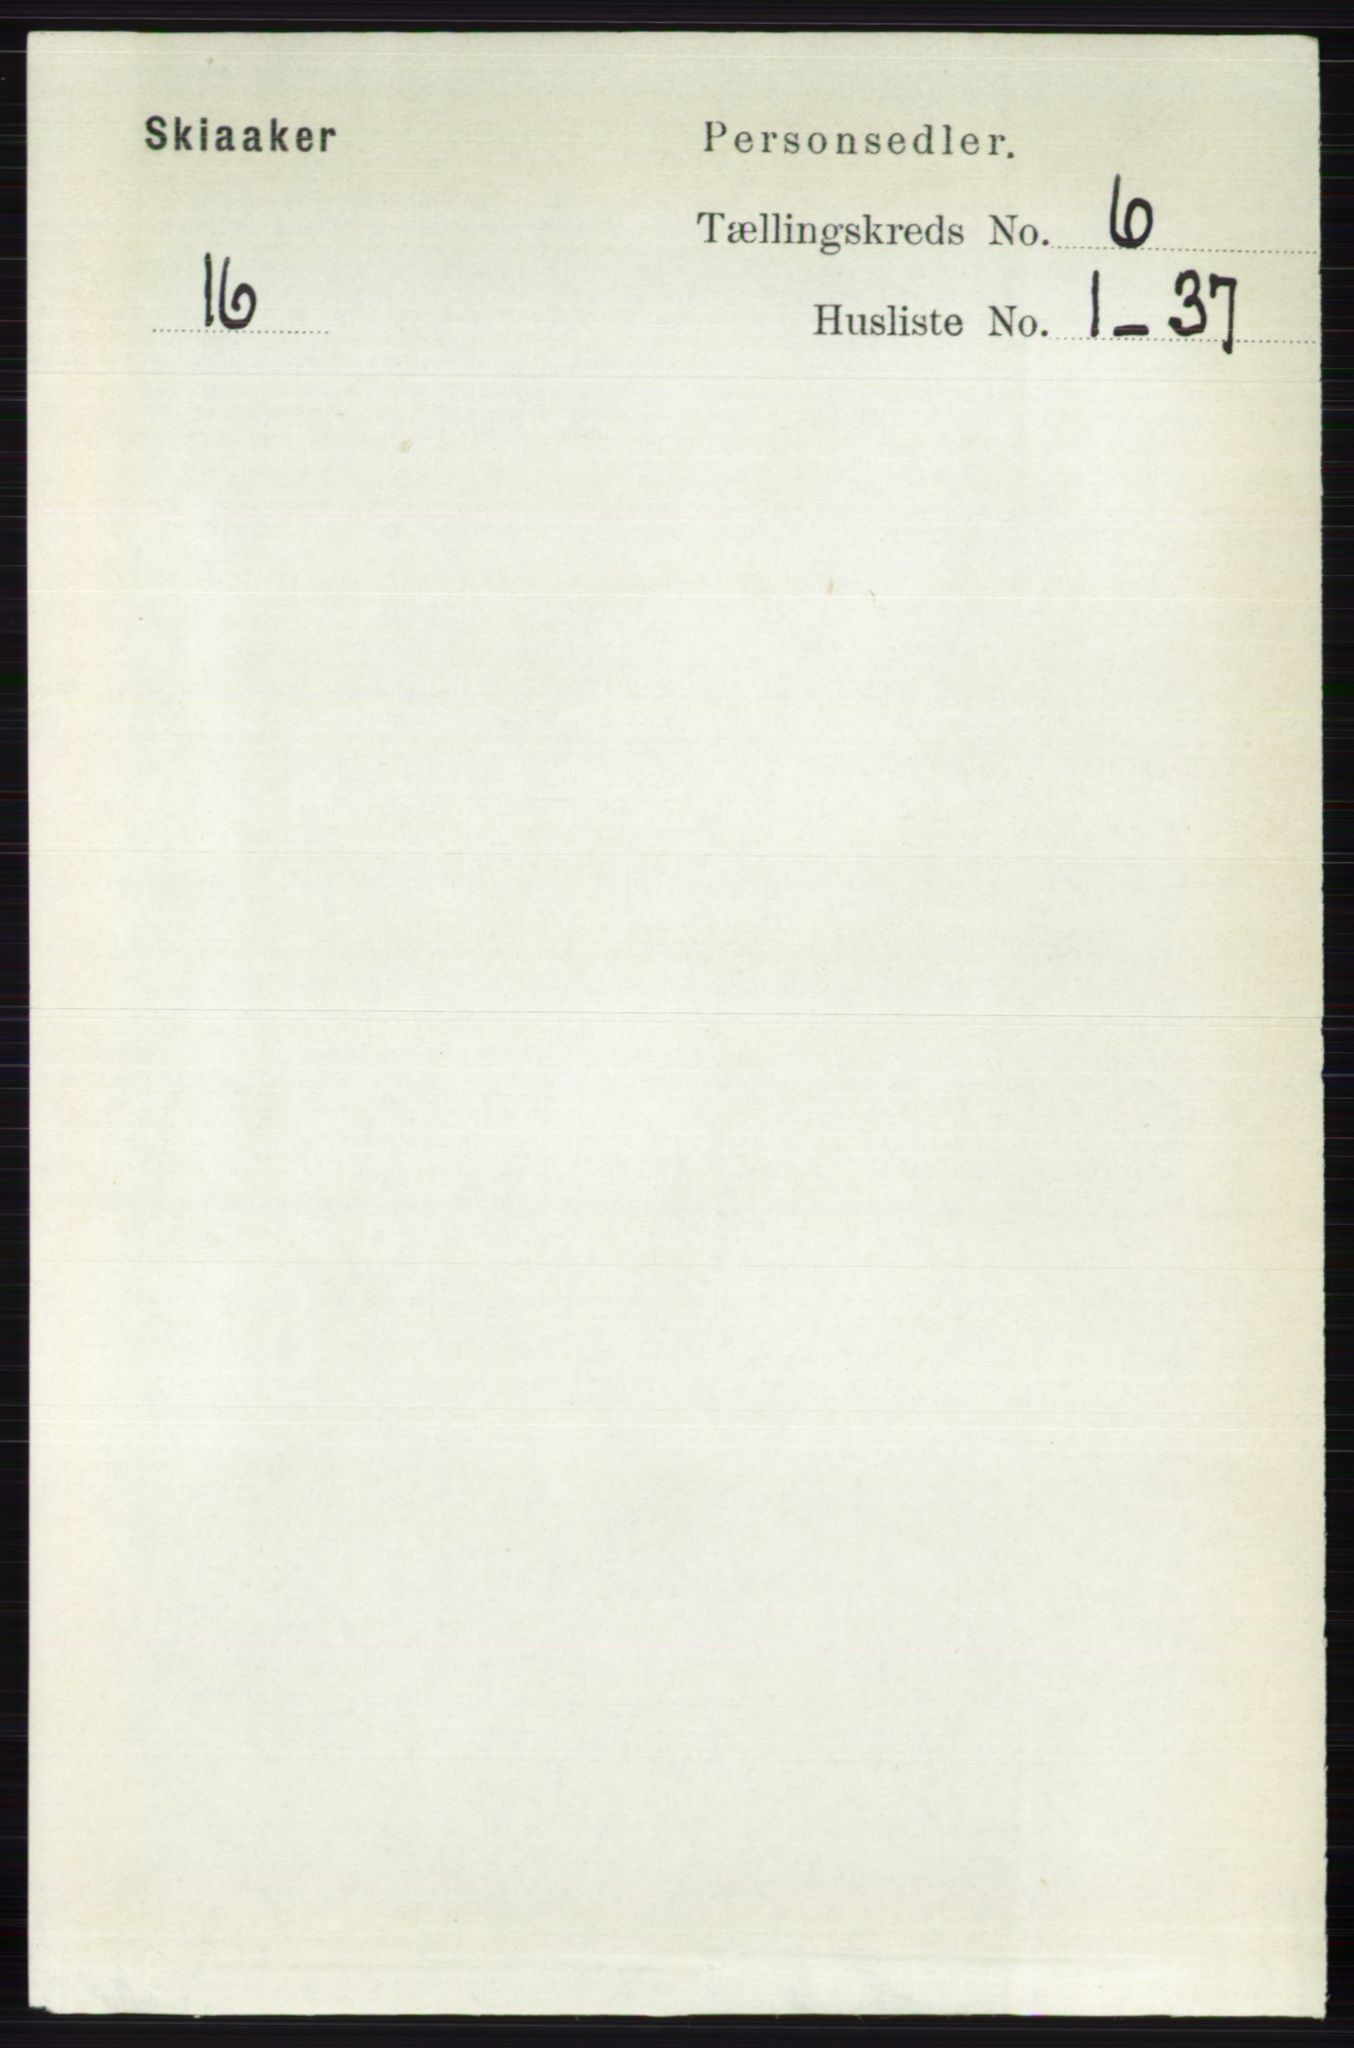 RA, Folketelling 1891 for 0513 Skjåk herred, 1891, s. 2020